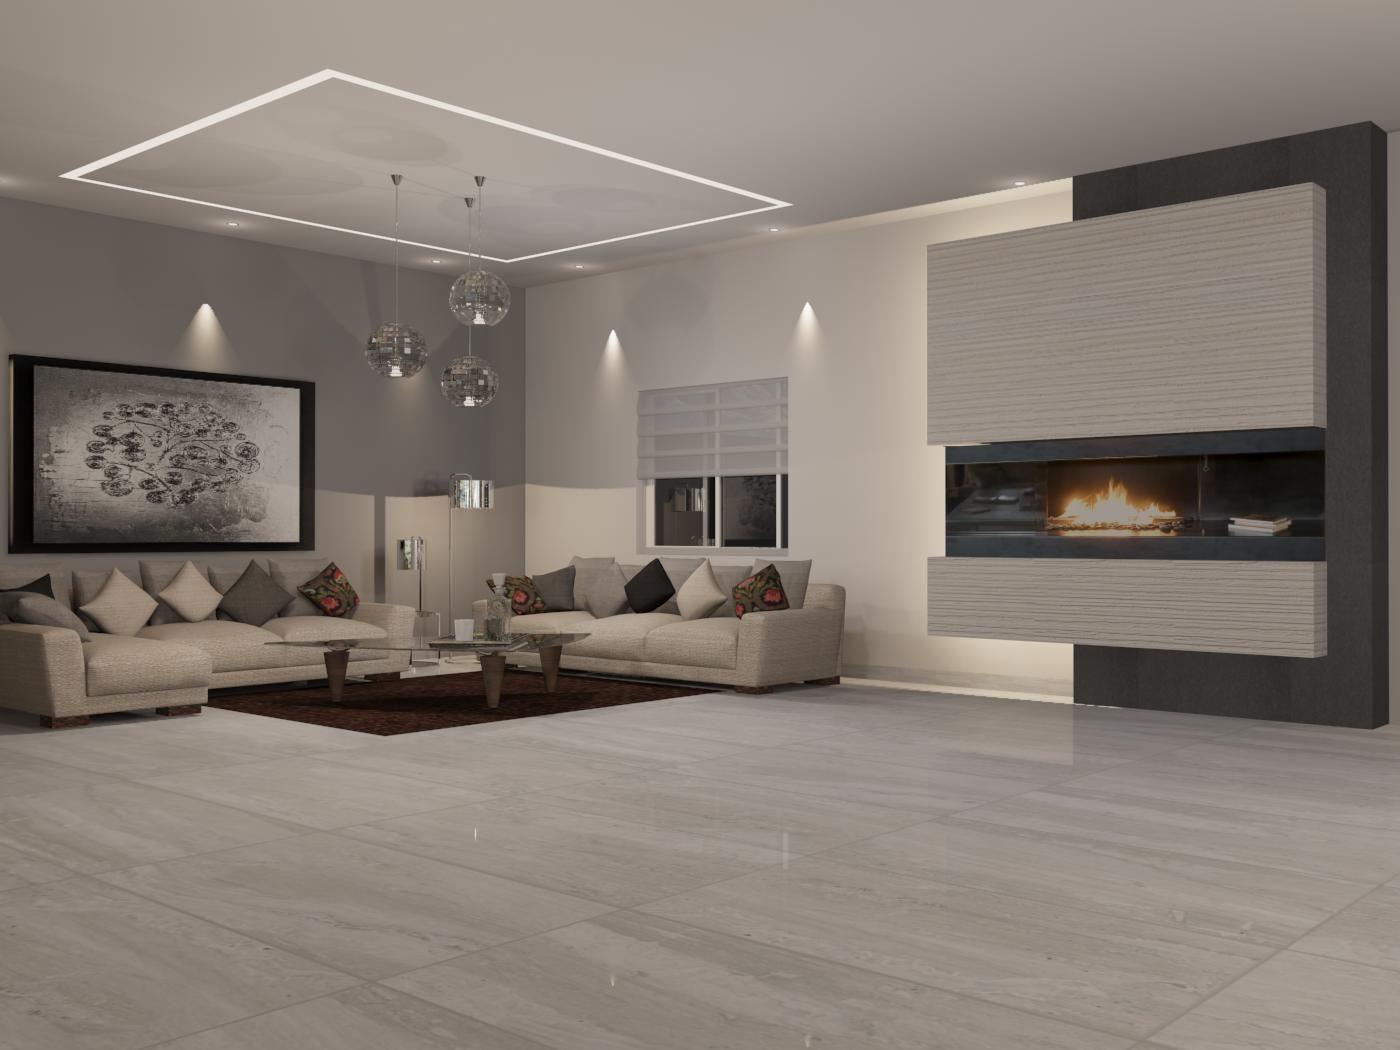 Sala de estilo contempor nteo materiales utilizados piso for Porcelanato color marmol